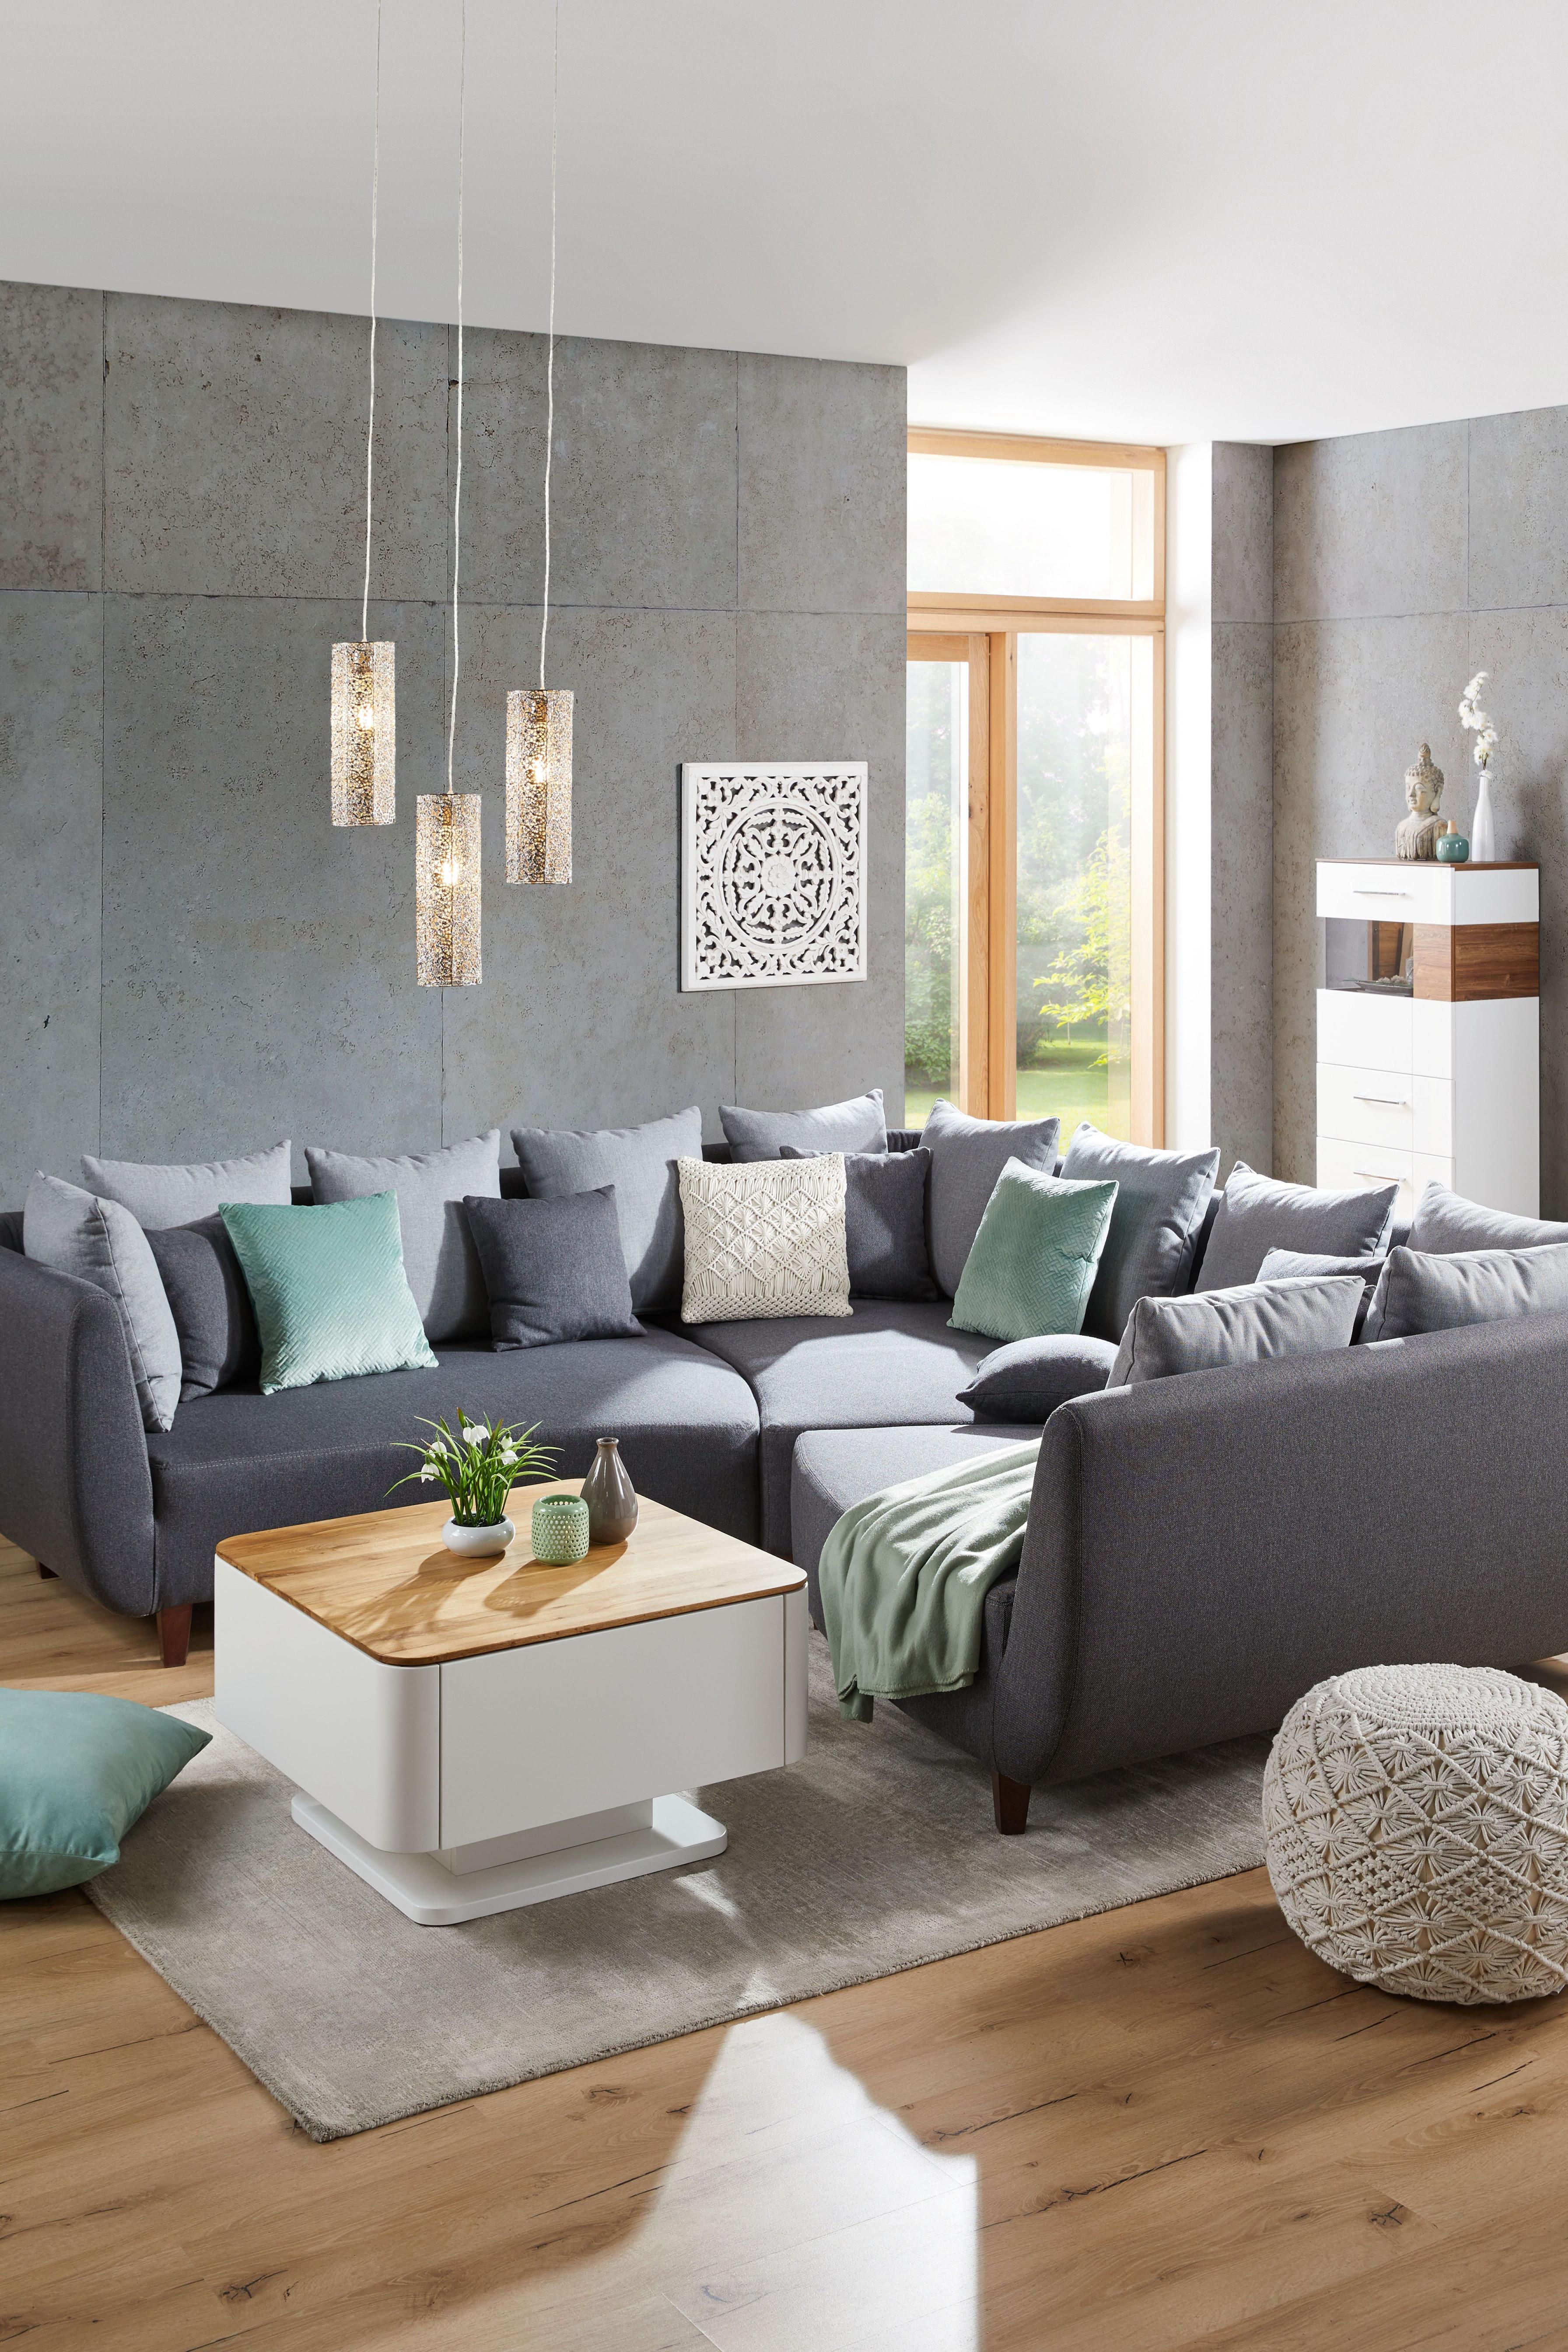 Sofaelement In Grau  Wohnzimmer Ideen Modern Graues Sofa von Graues Wohnzimmer Ideen Bild